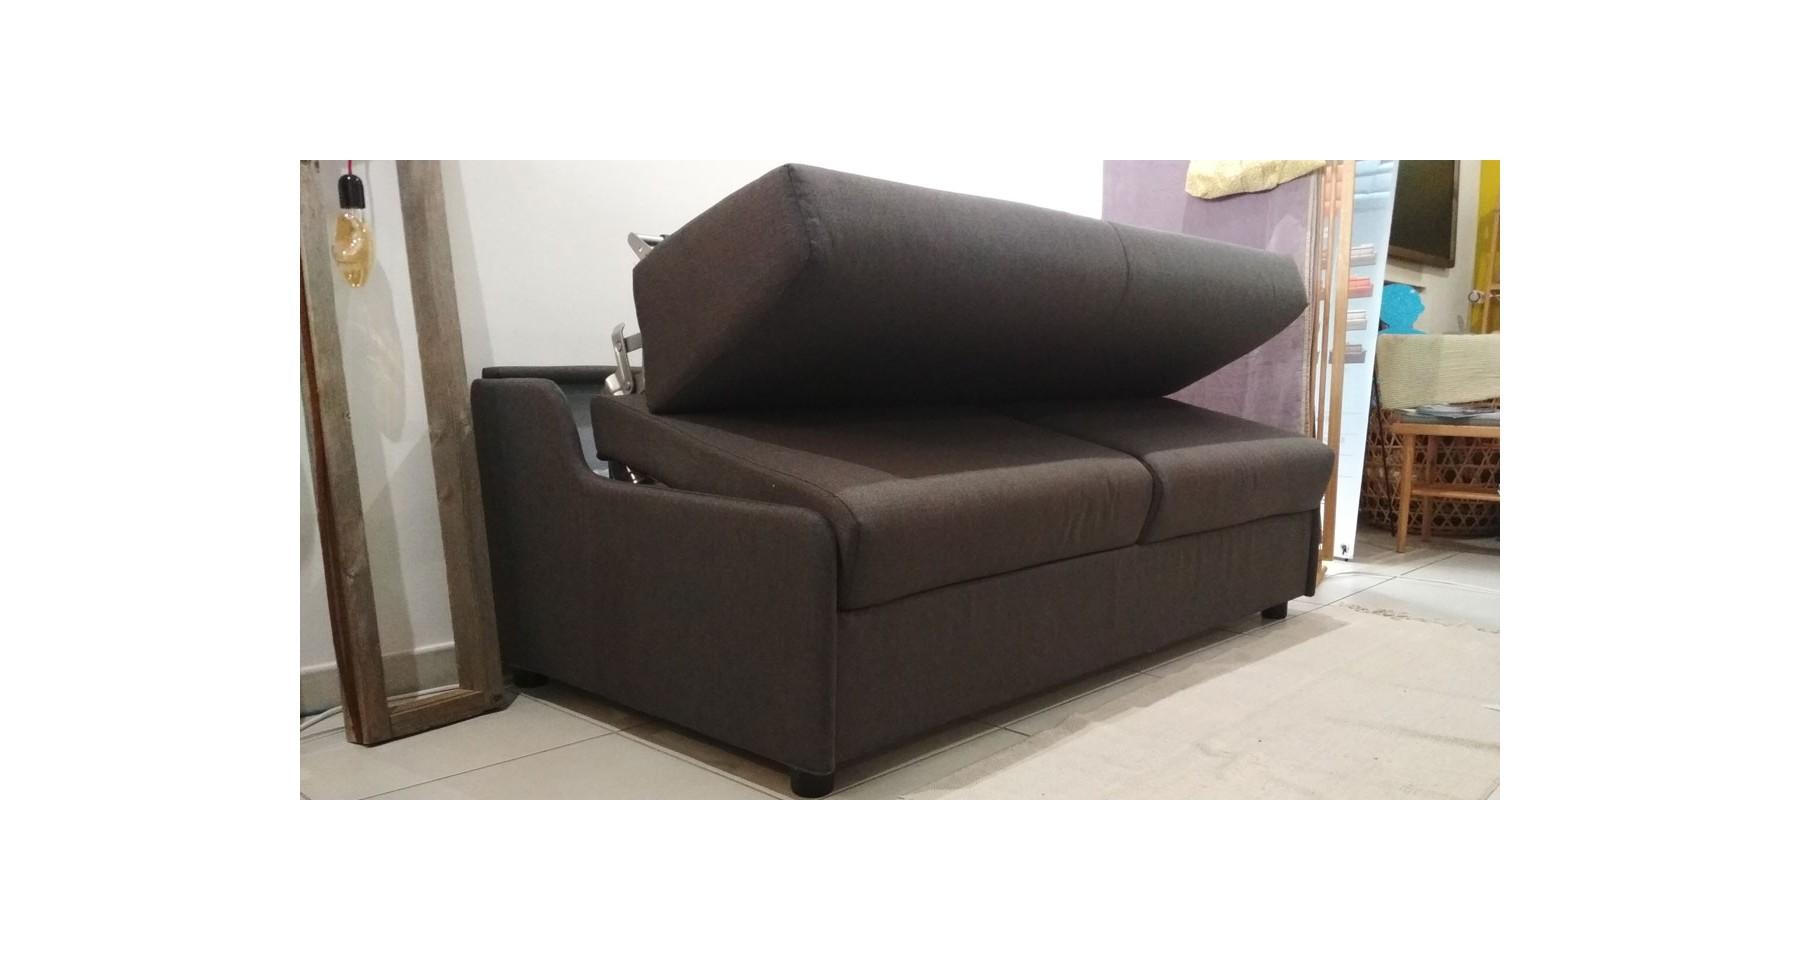 Canapé lit couchage 140 Rapido ultra pact en livraison